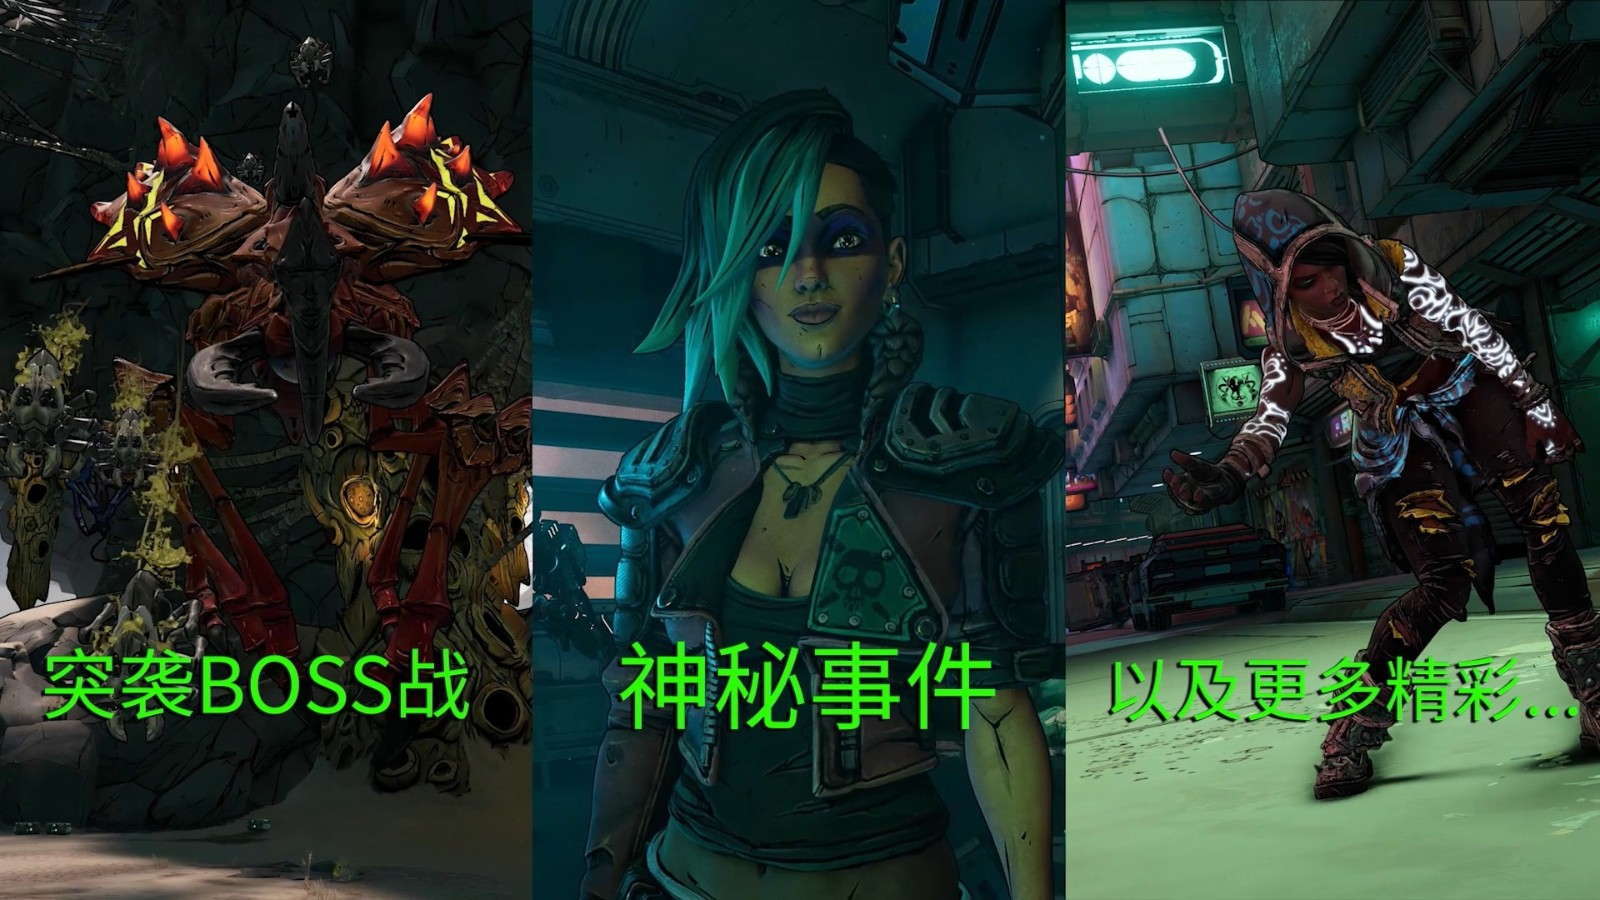 《无主之地3:导演剪辑版》DLC已推出 新外观新内容